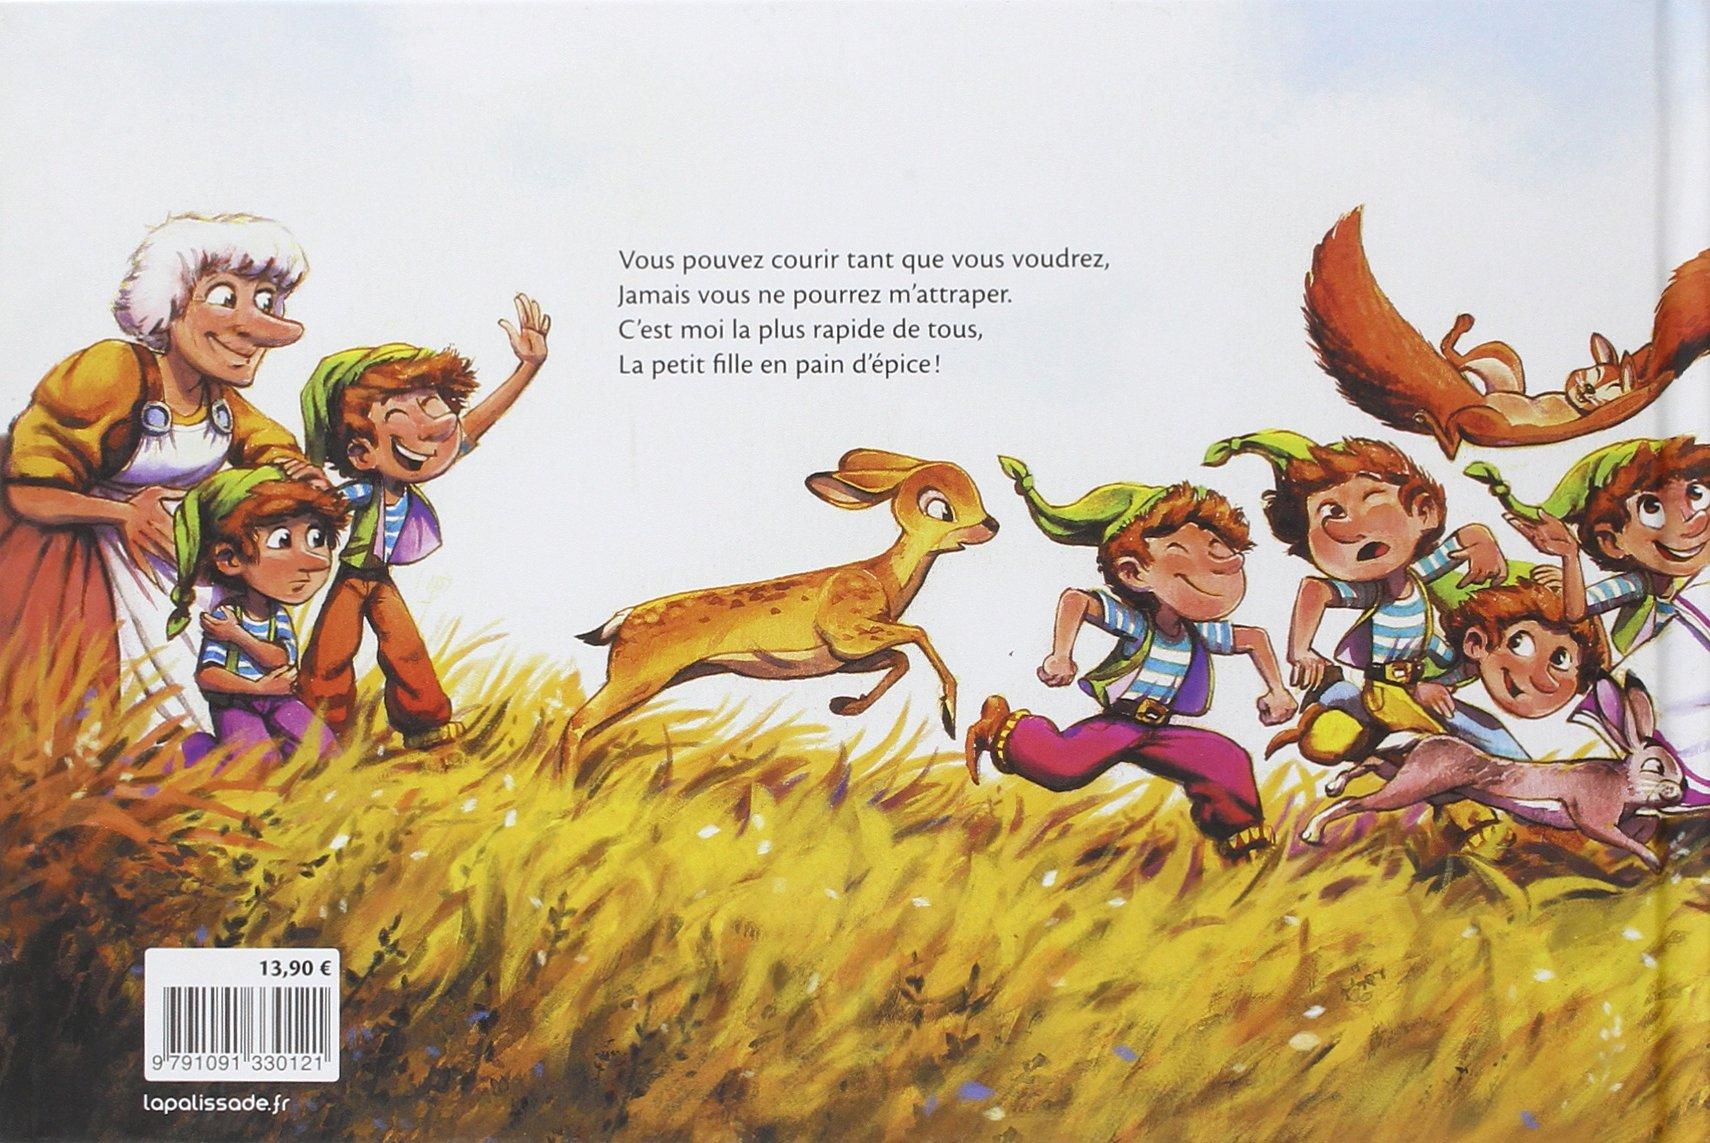 Amazon La petite fille en pain d épice Céline Lamour Crochet Florian Le Priol Livres